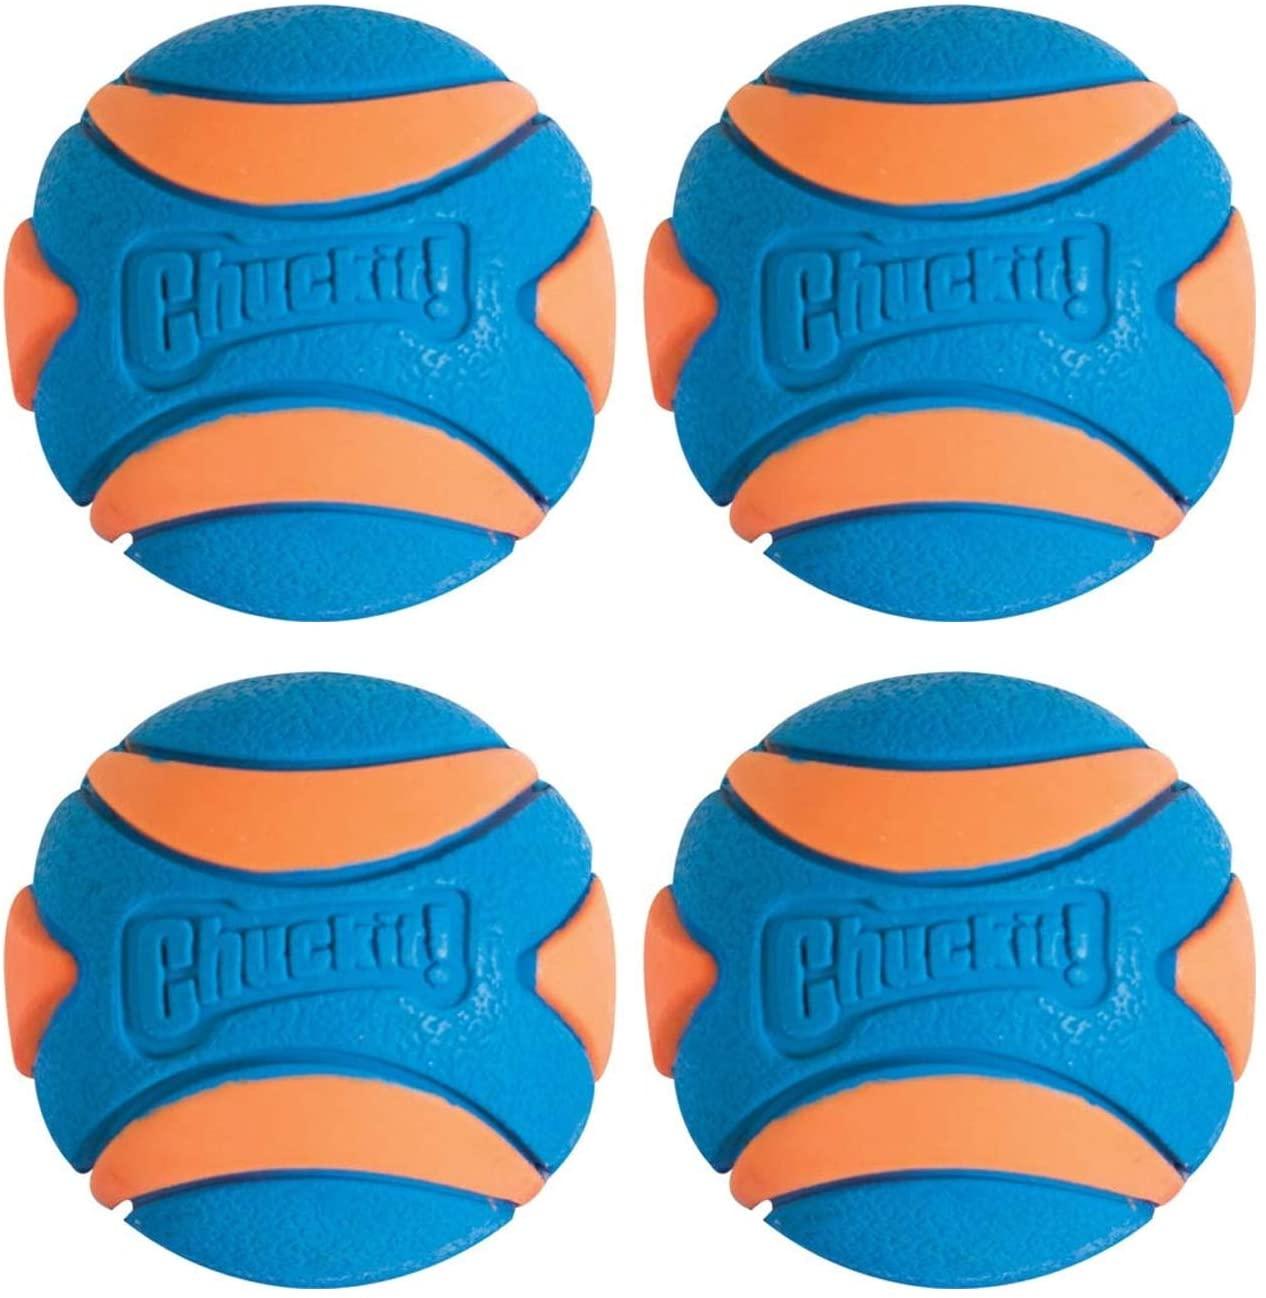 Chuckit! Ultra Squeaker Ball - 4 Pack